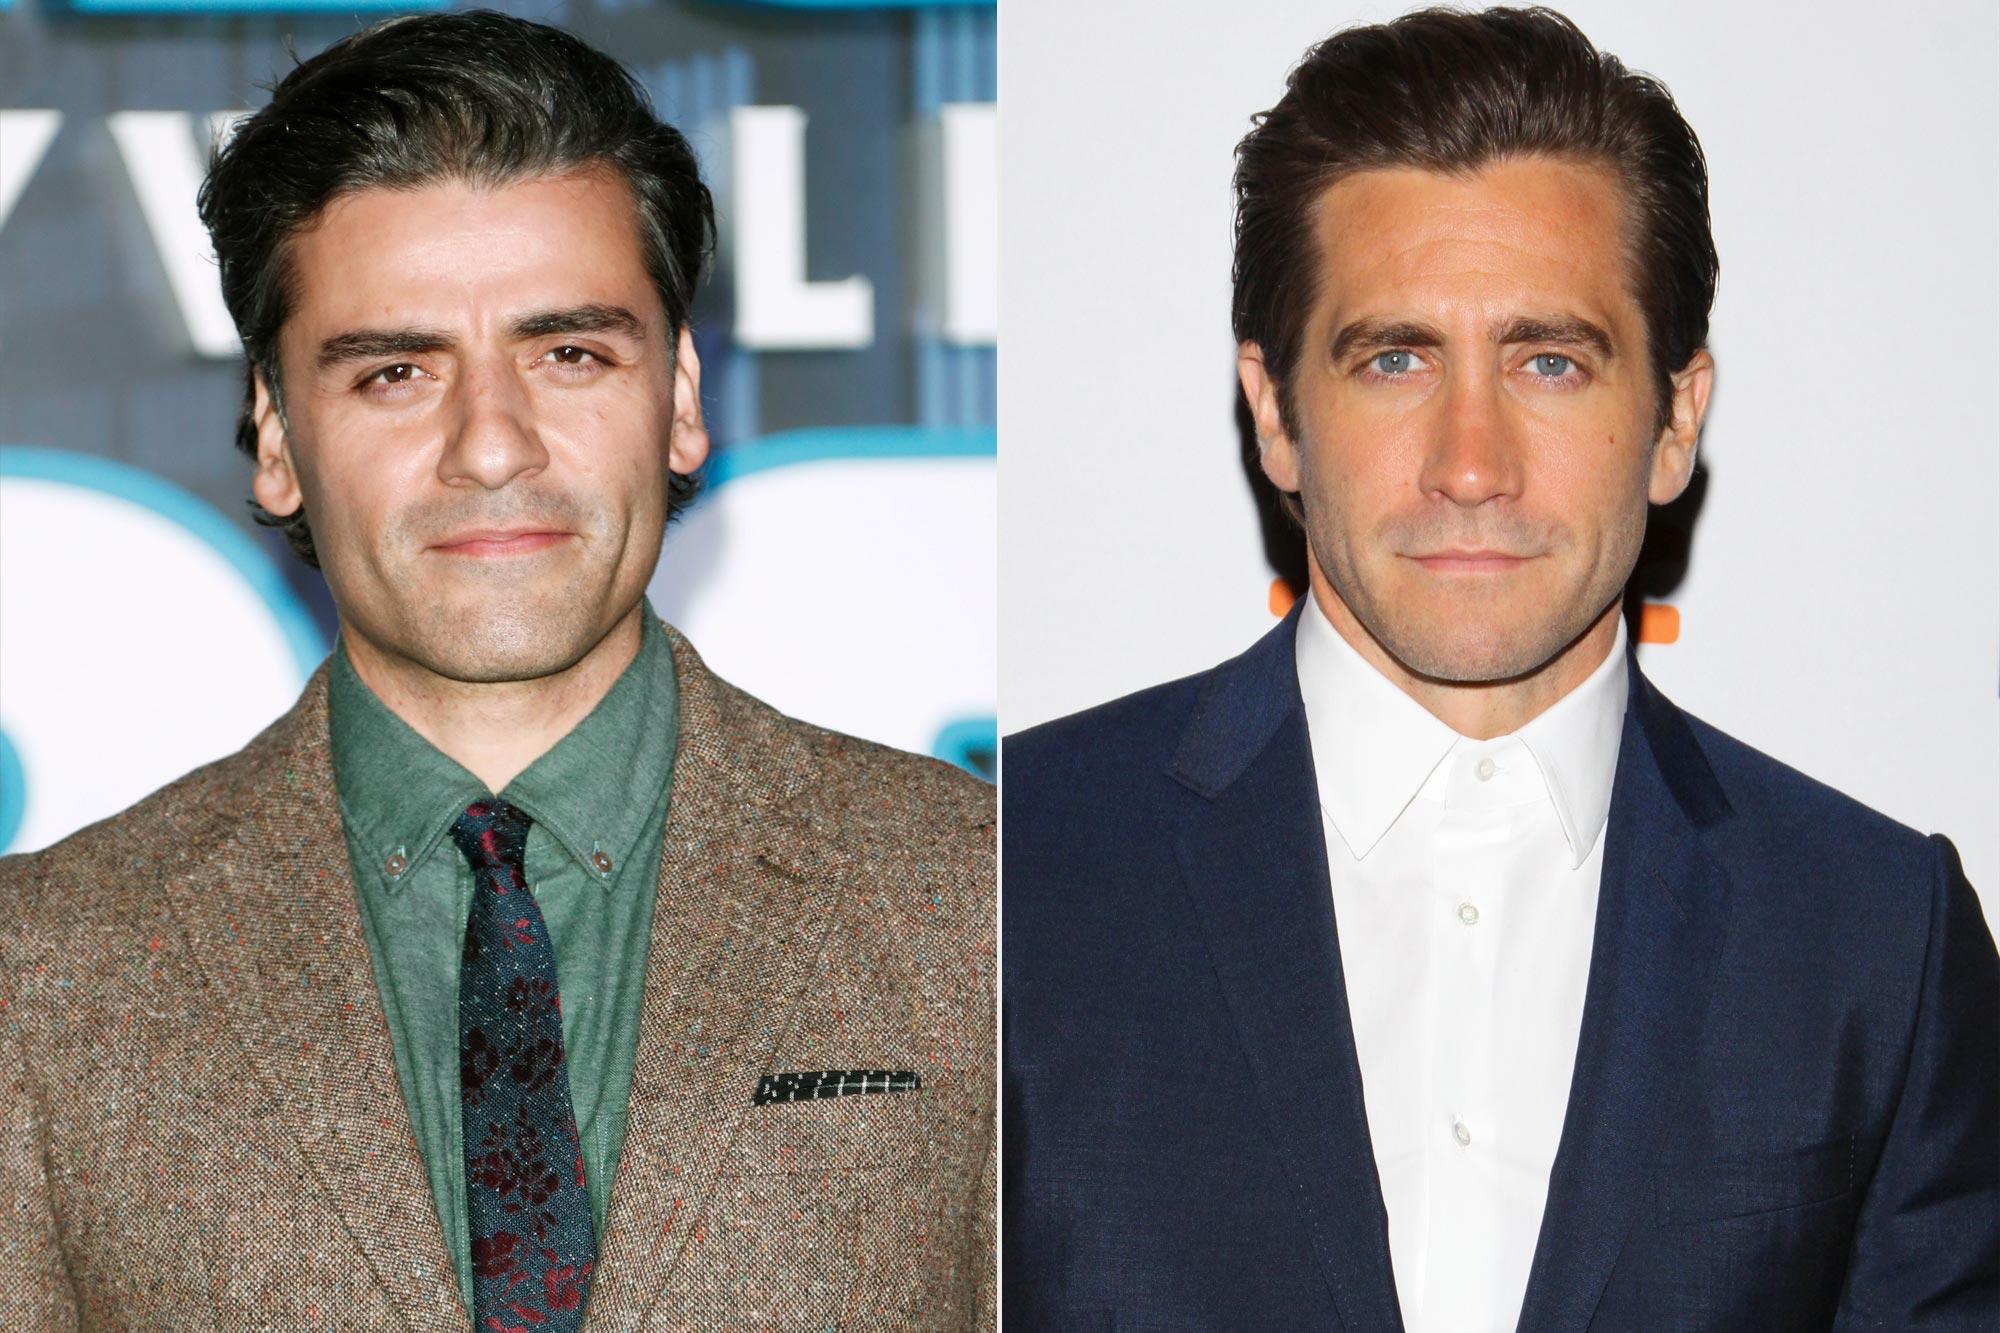 Oscar Isaac; Jake Gyllenhaal